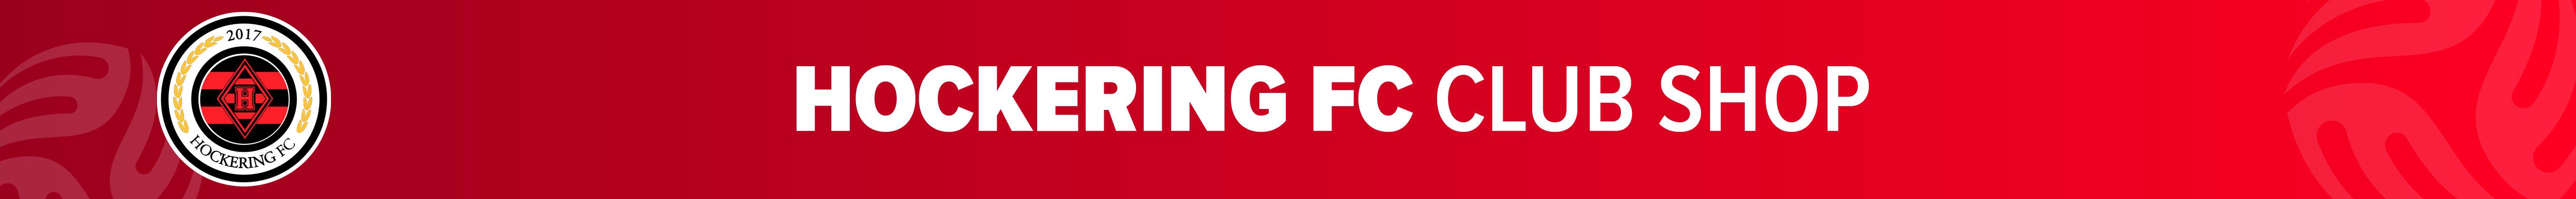 Hockering FC Banner